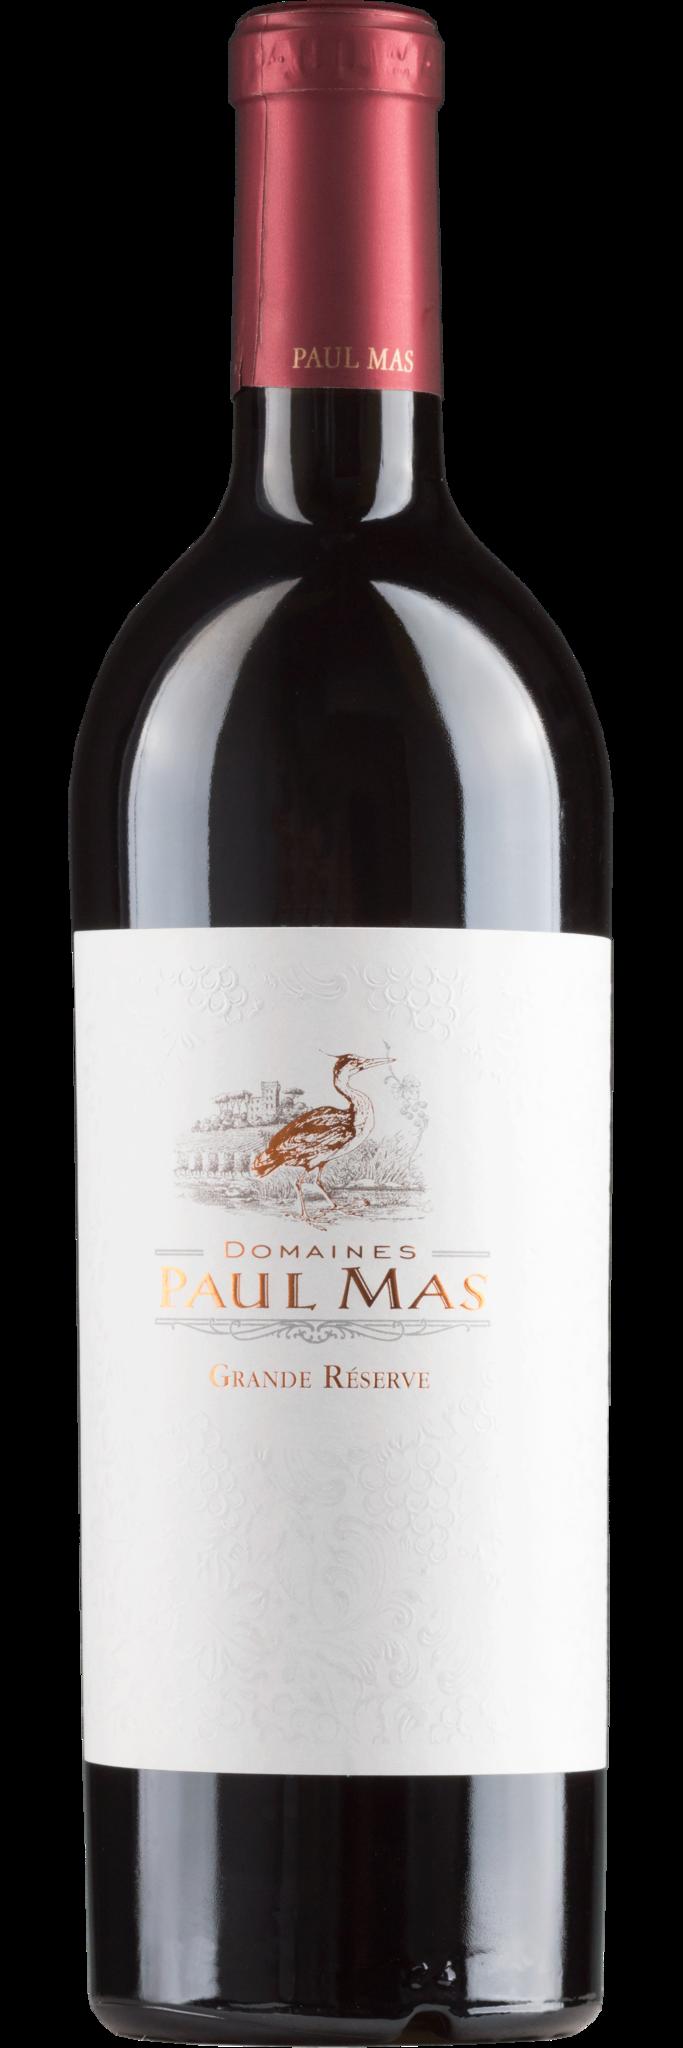 Mas, Paul - Languedoc 2018 Cabernet Sauvignon Grande Reserve, Paul Mas